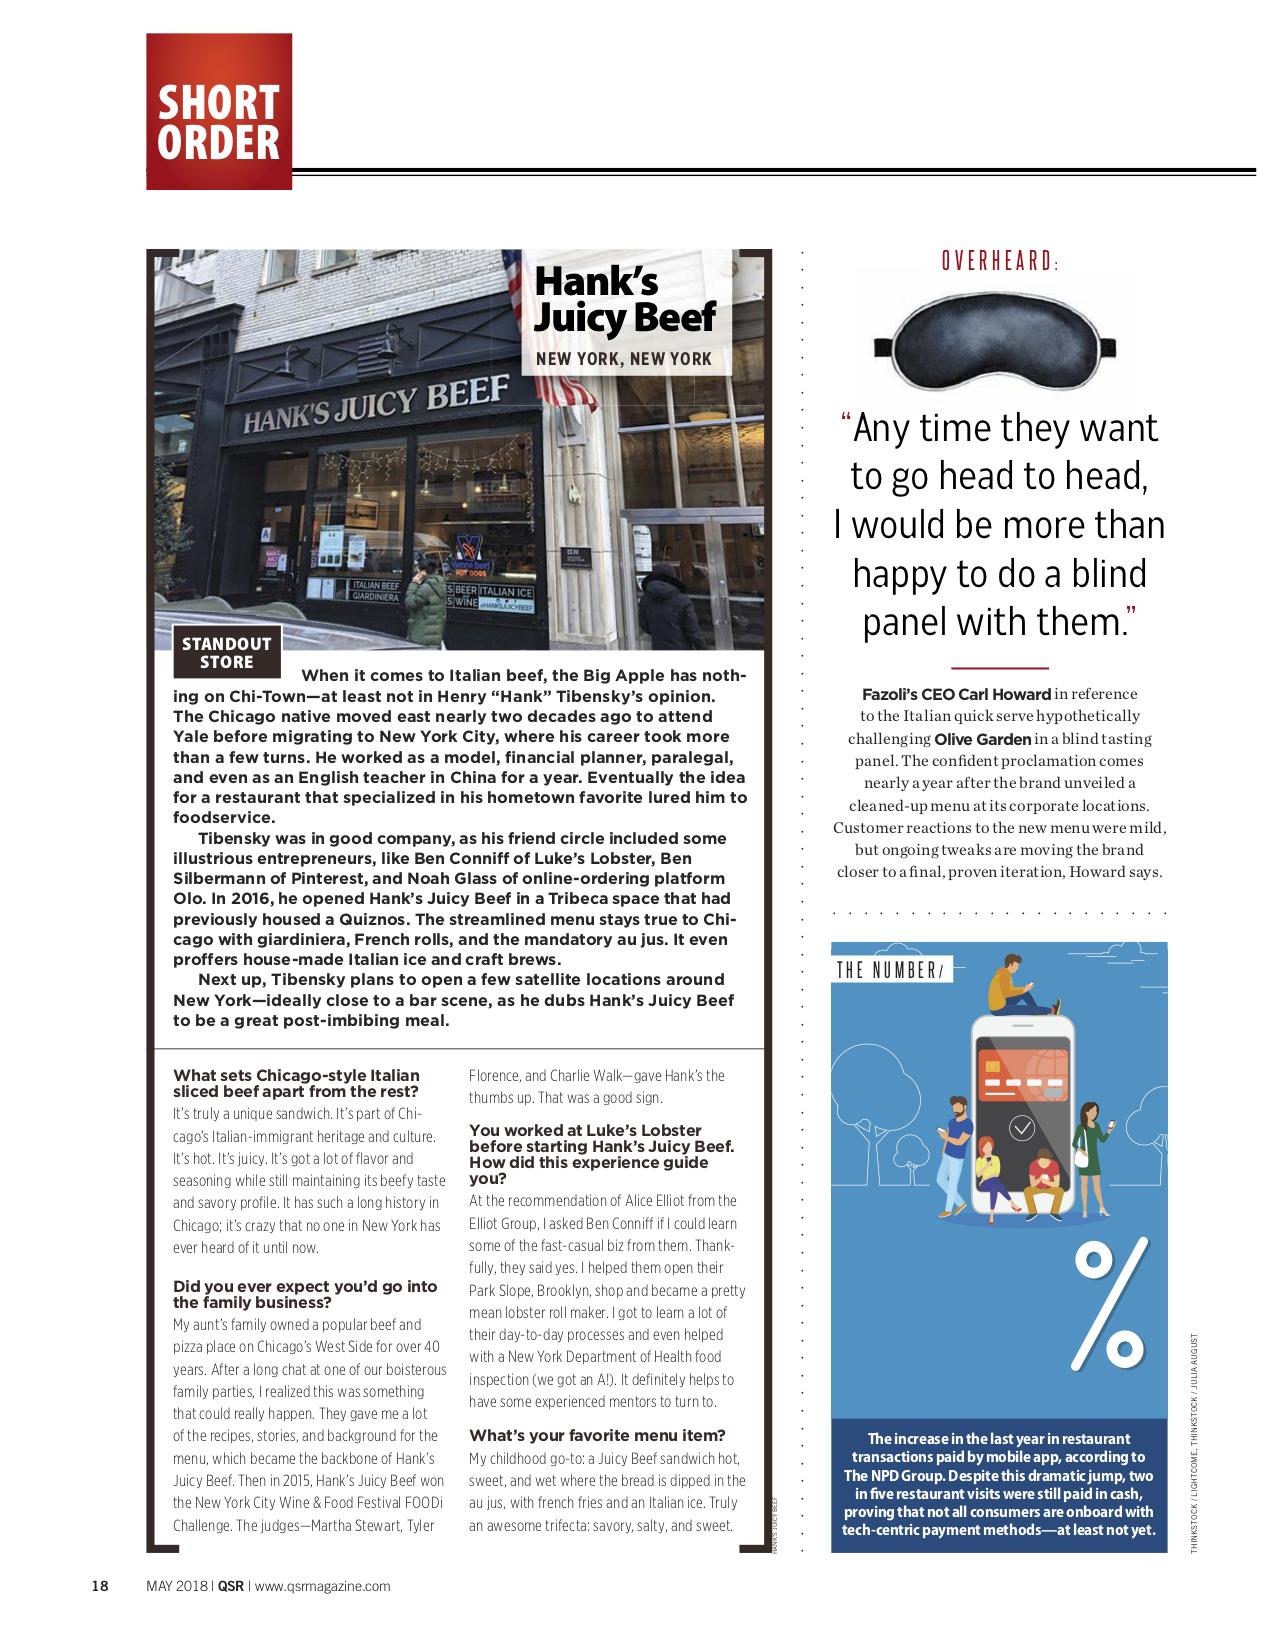 QSR Magazine - StandOut Store - Hank's Juicy Beef - 5.18.jpg